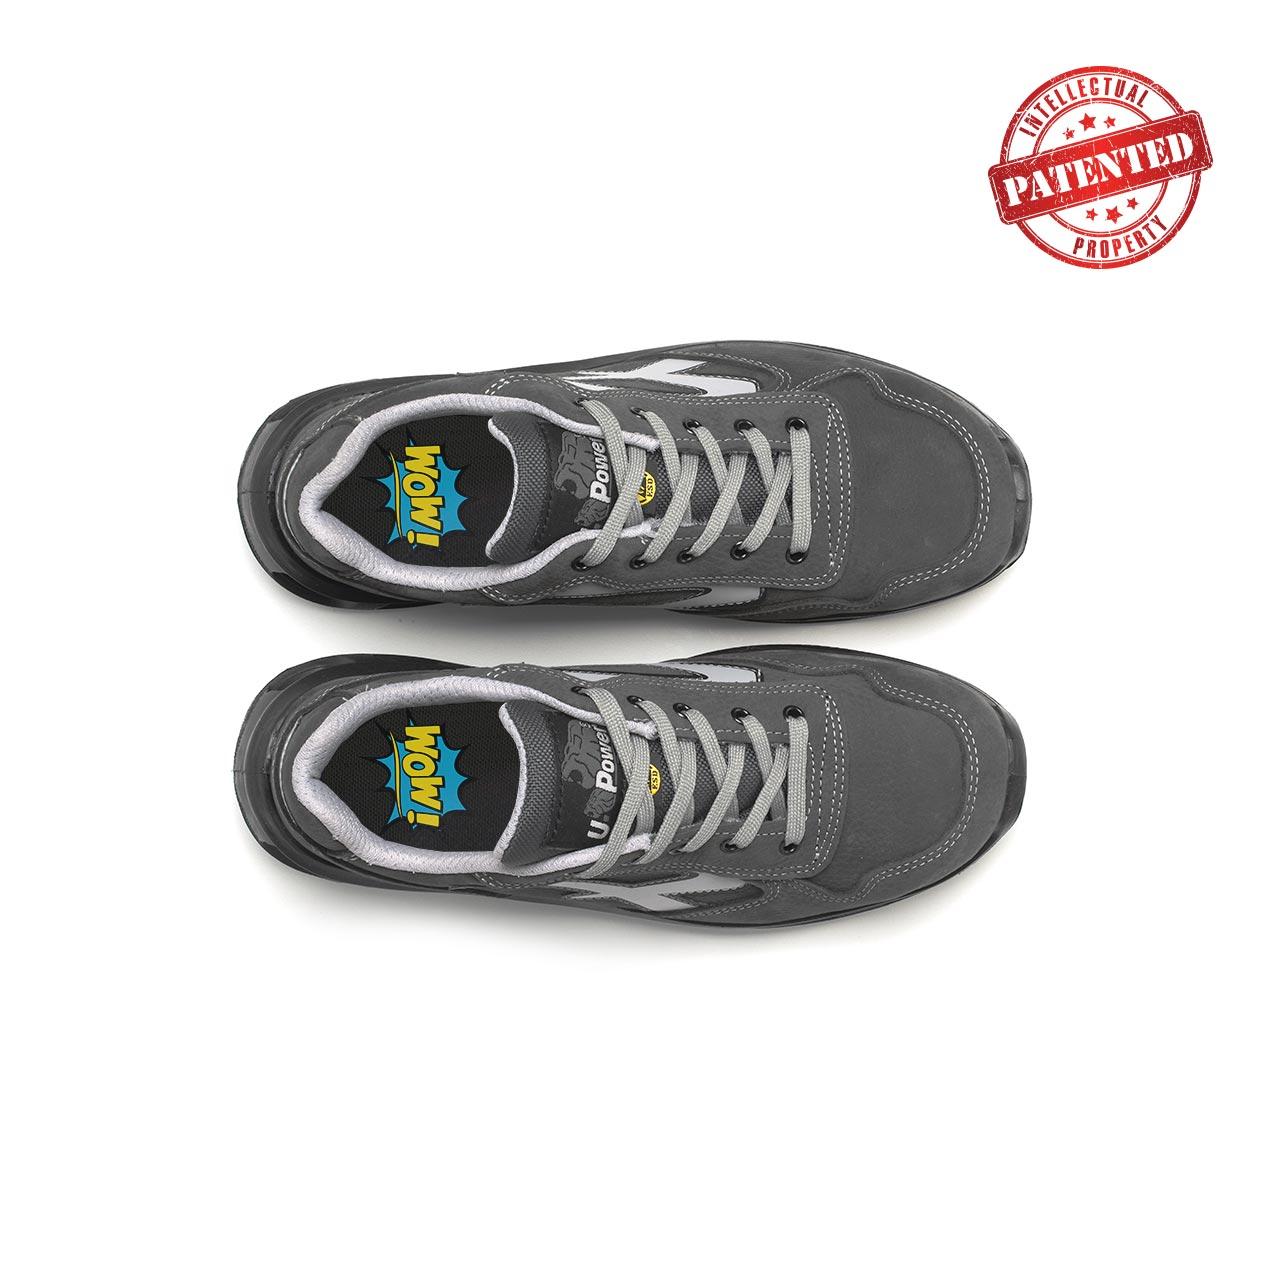 paio di scarpe antinfortunistiche upower modello kick linea redlion vista top